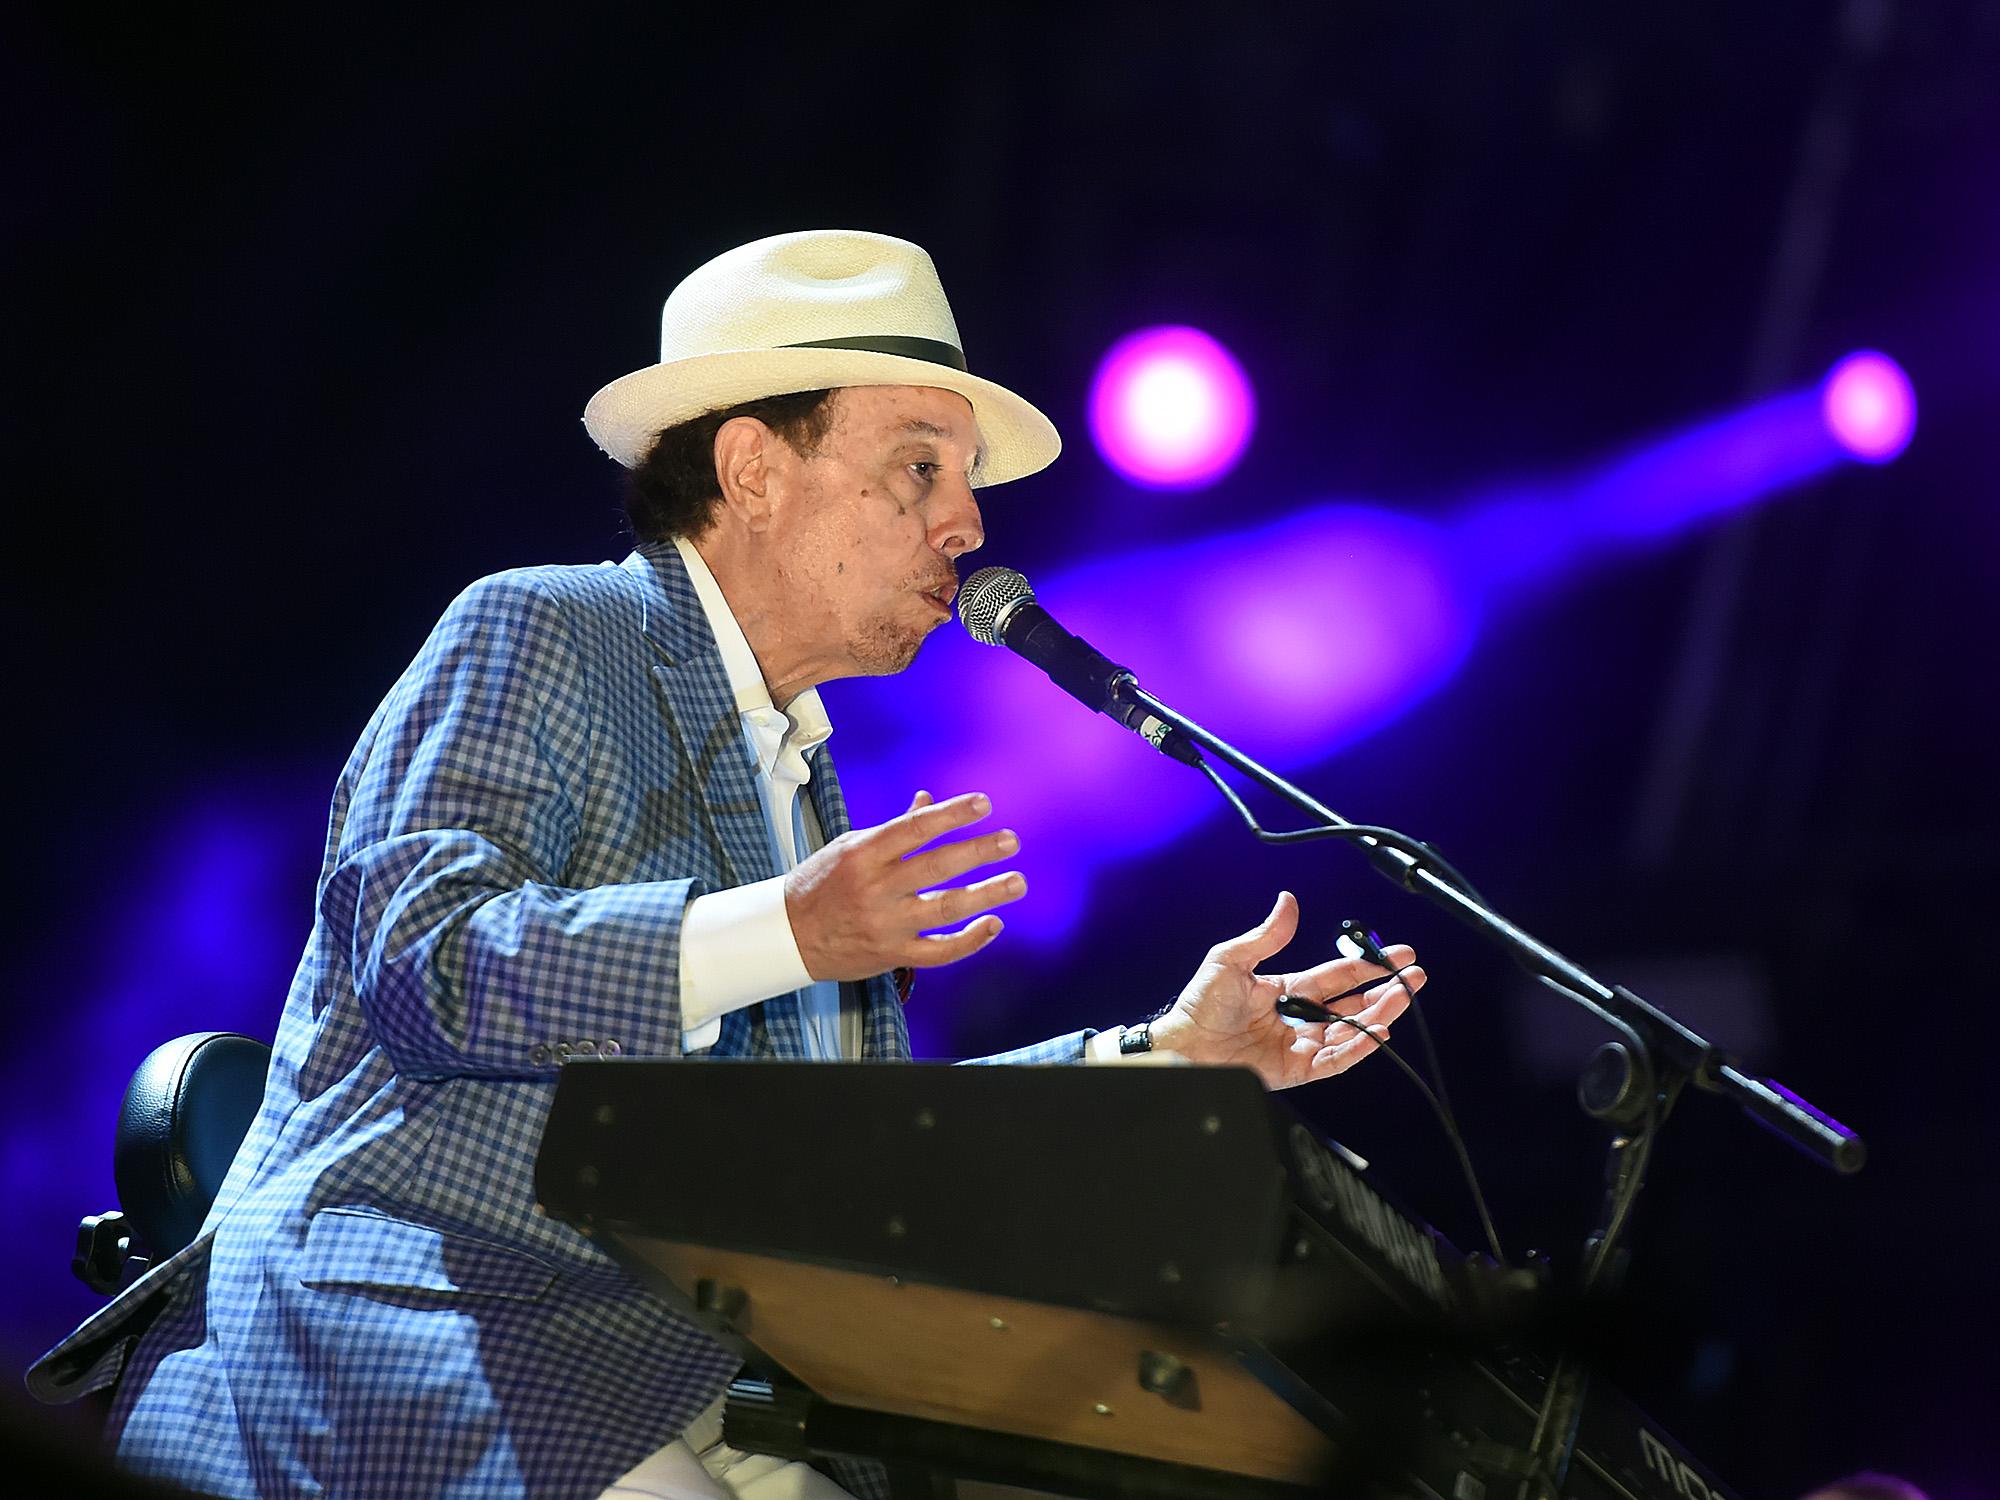 Show do cantor Sérgio Mendes no 6º dia de Rock in Rio, no palco Sunset, na Cidade do Rock, em Jacarepaguá, na zona oeste da capital fluminense, neste sábado (26)